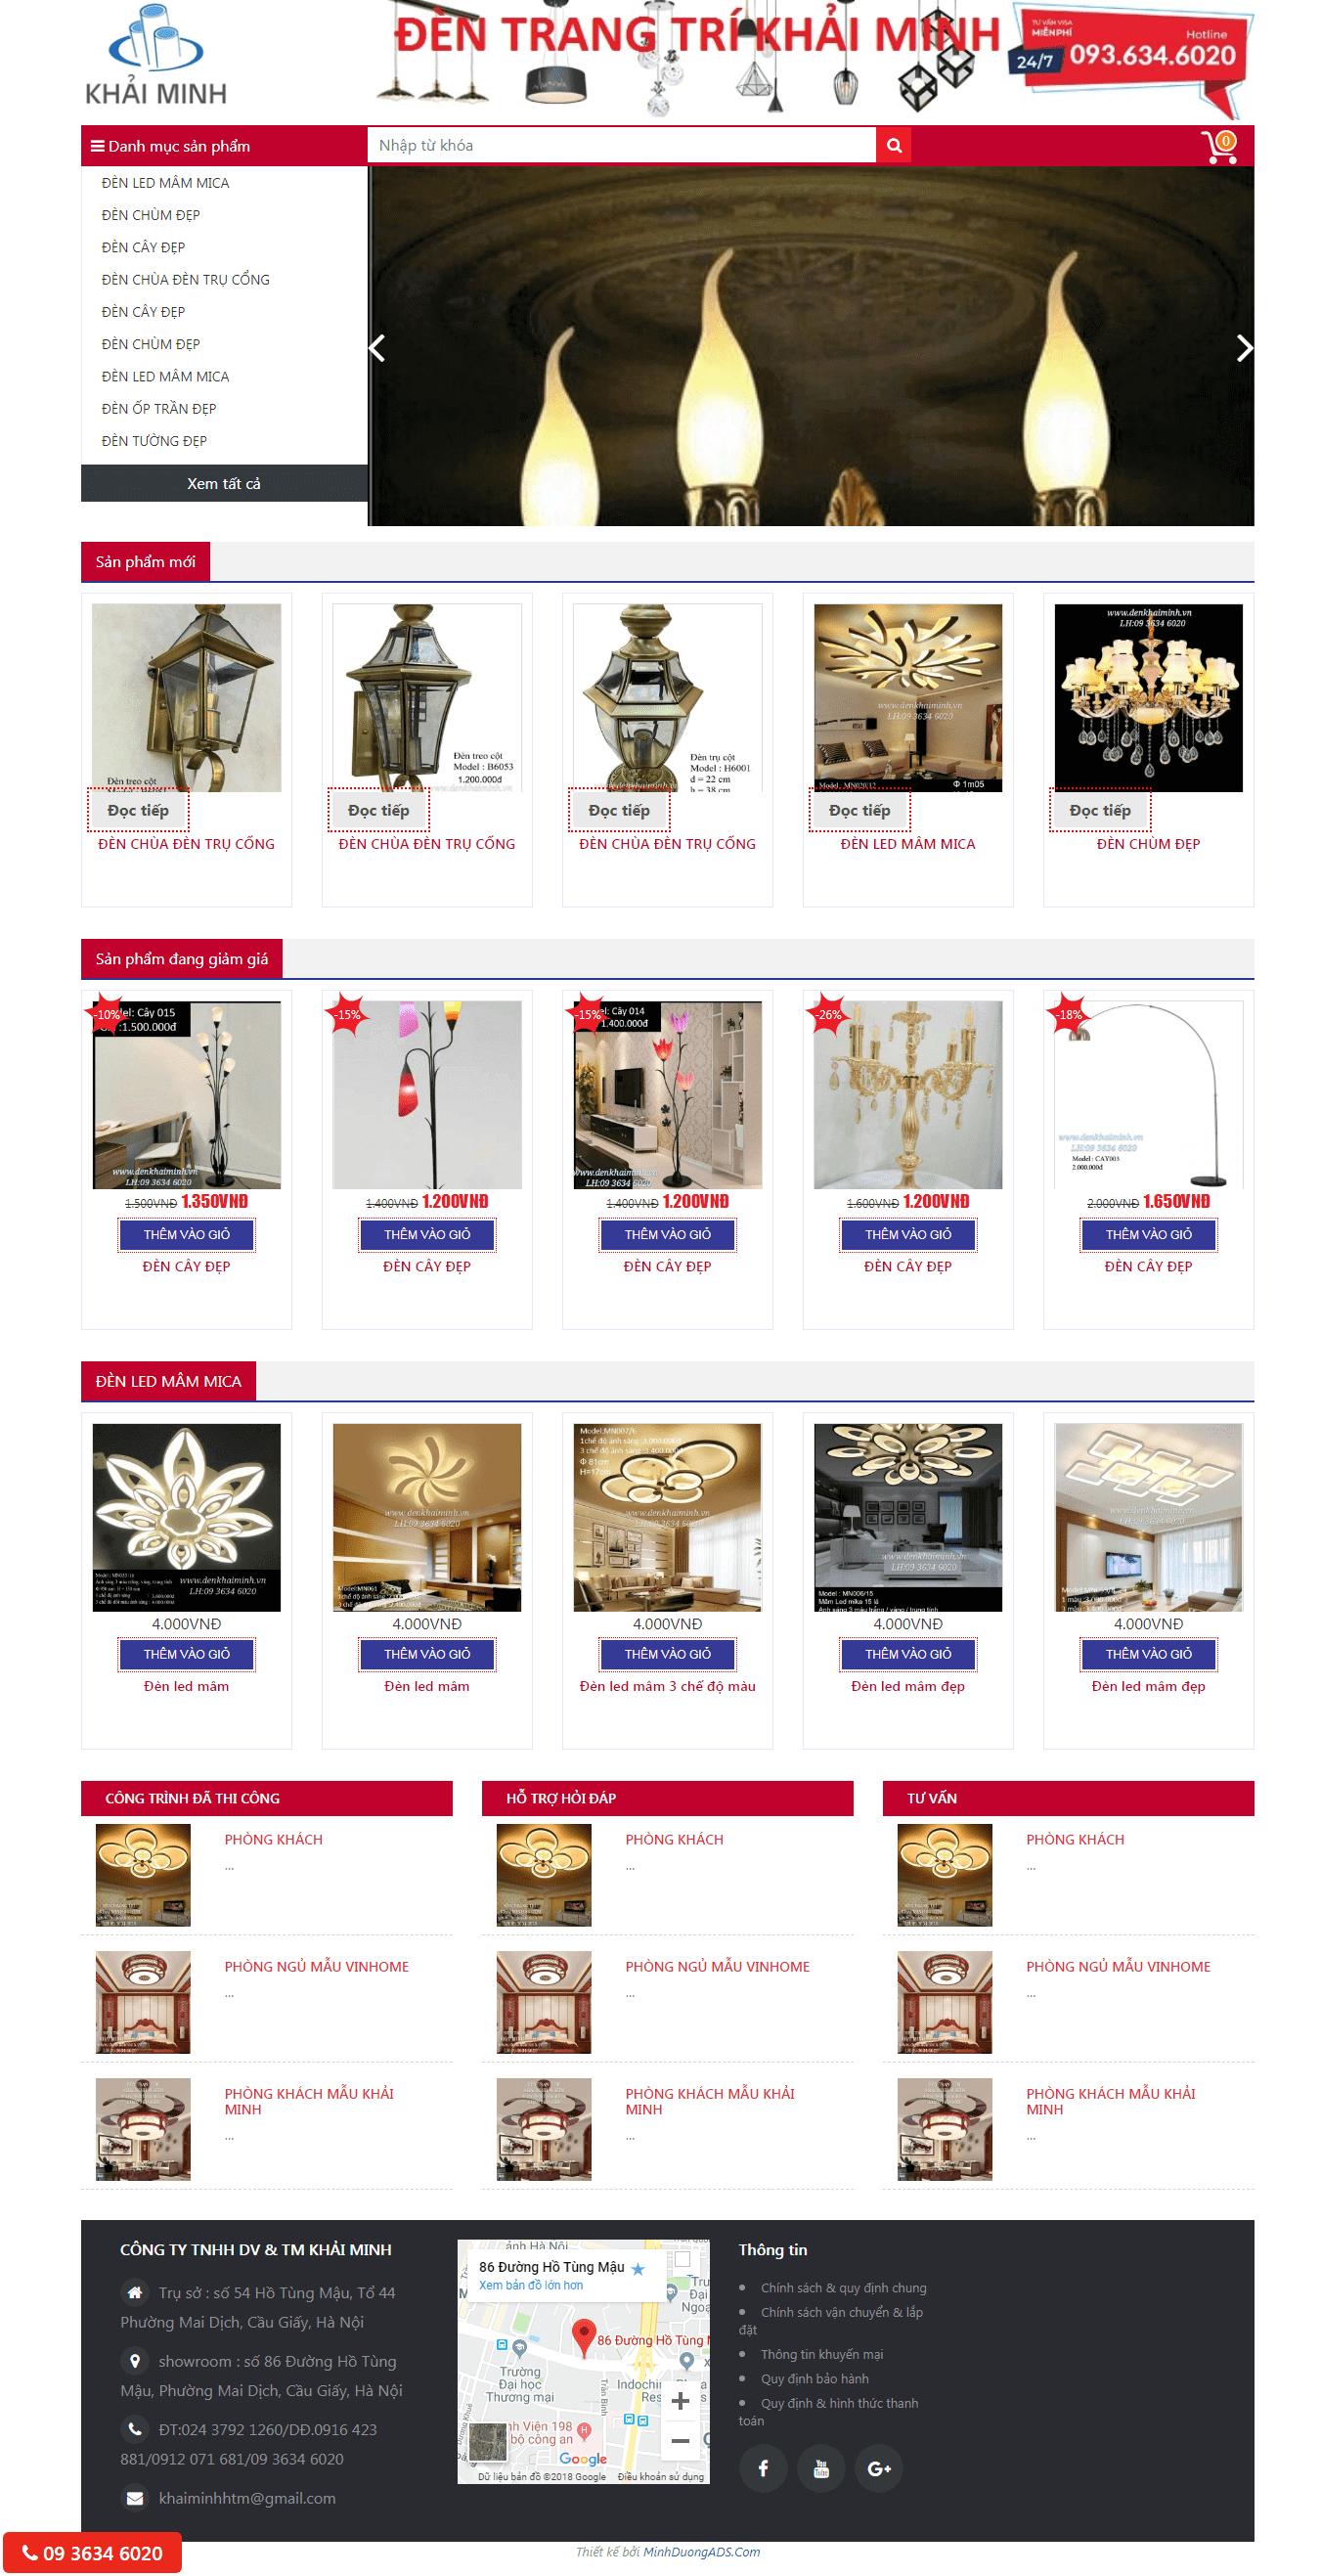 thiết kế web đèn trang trí